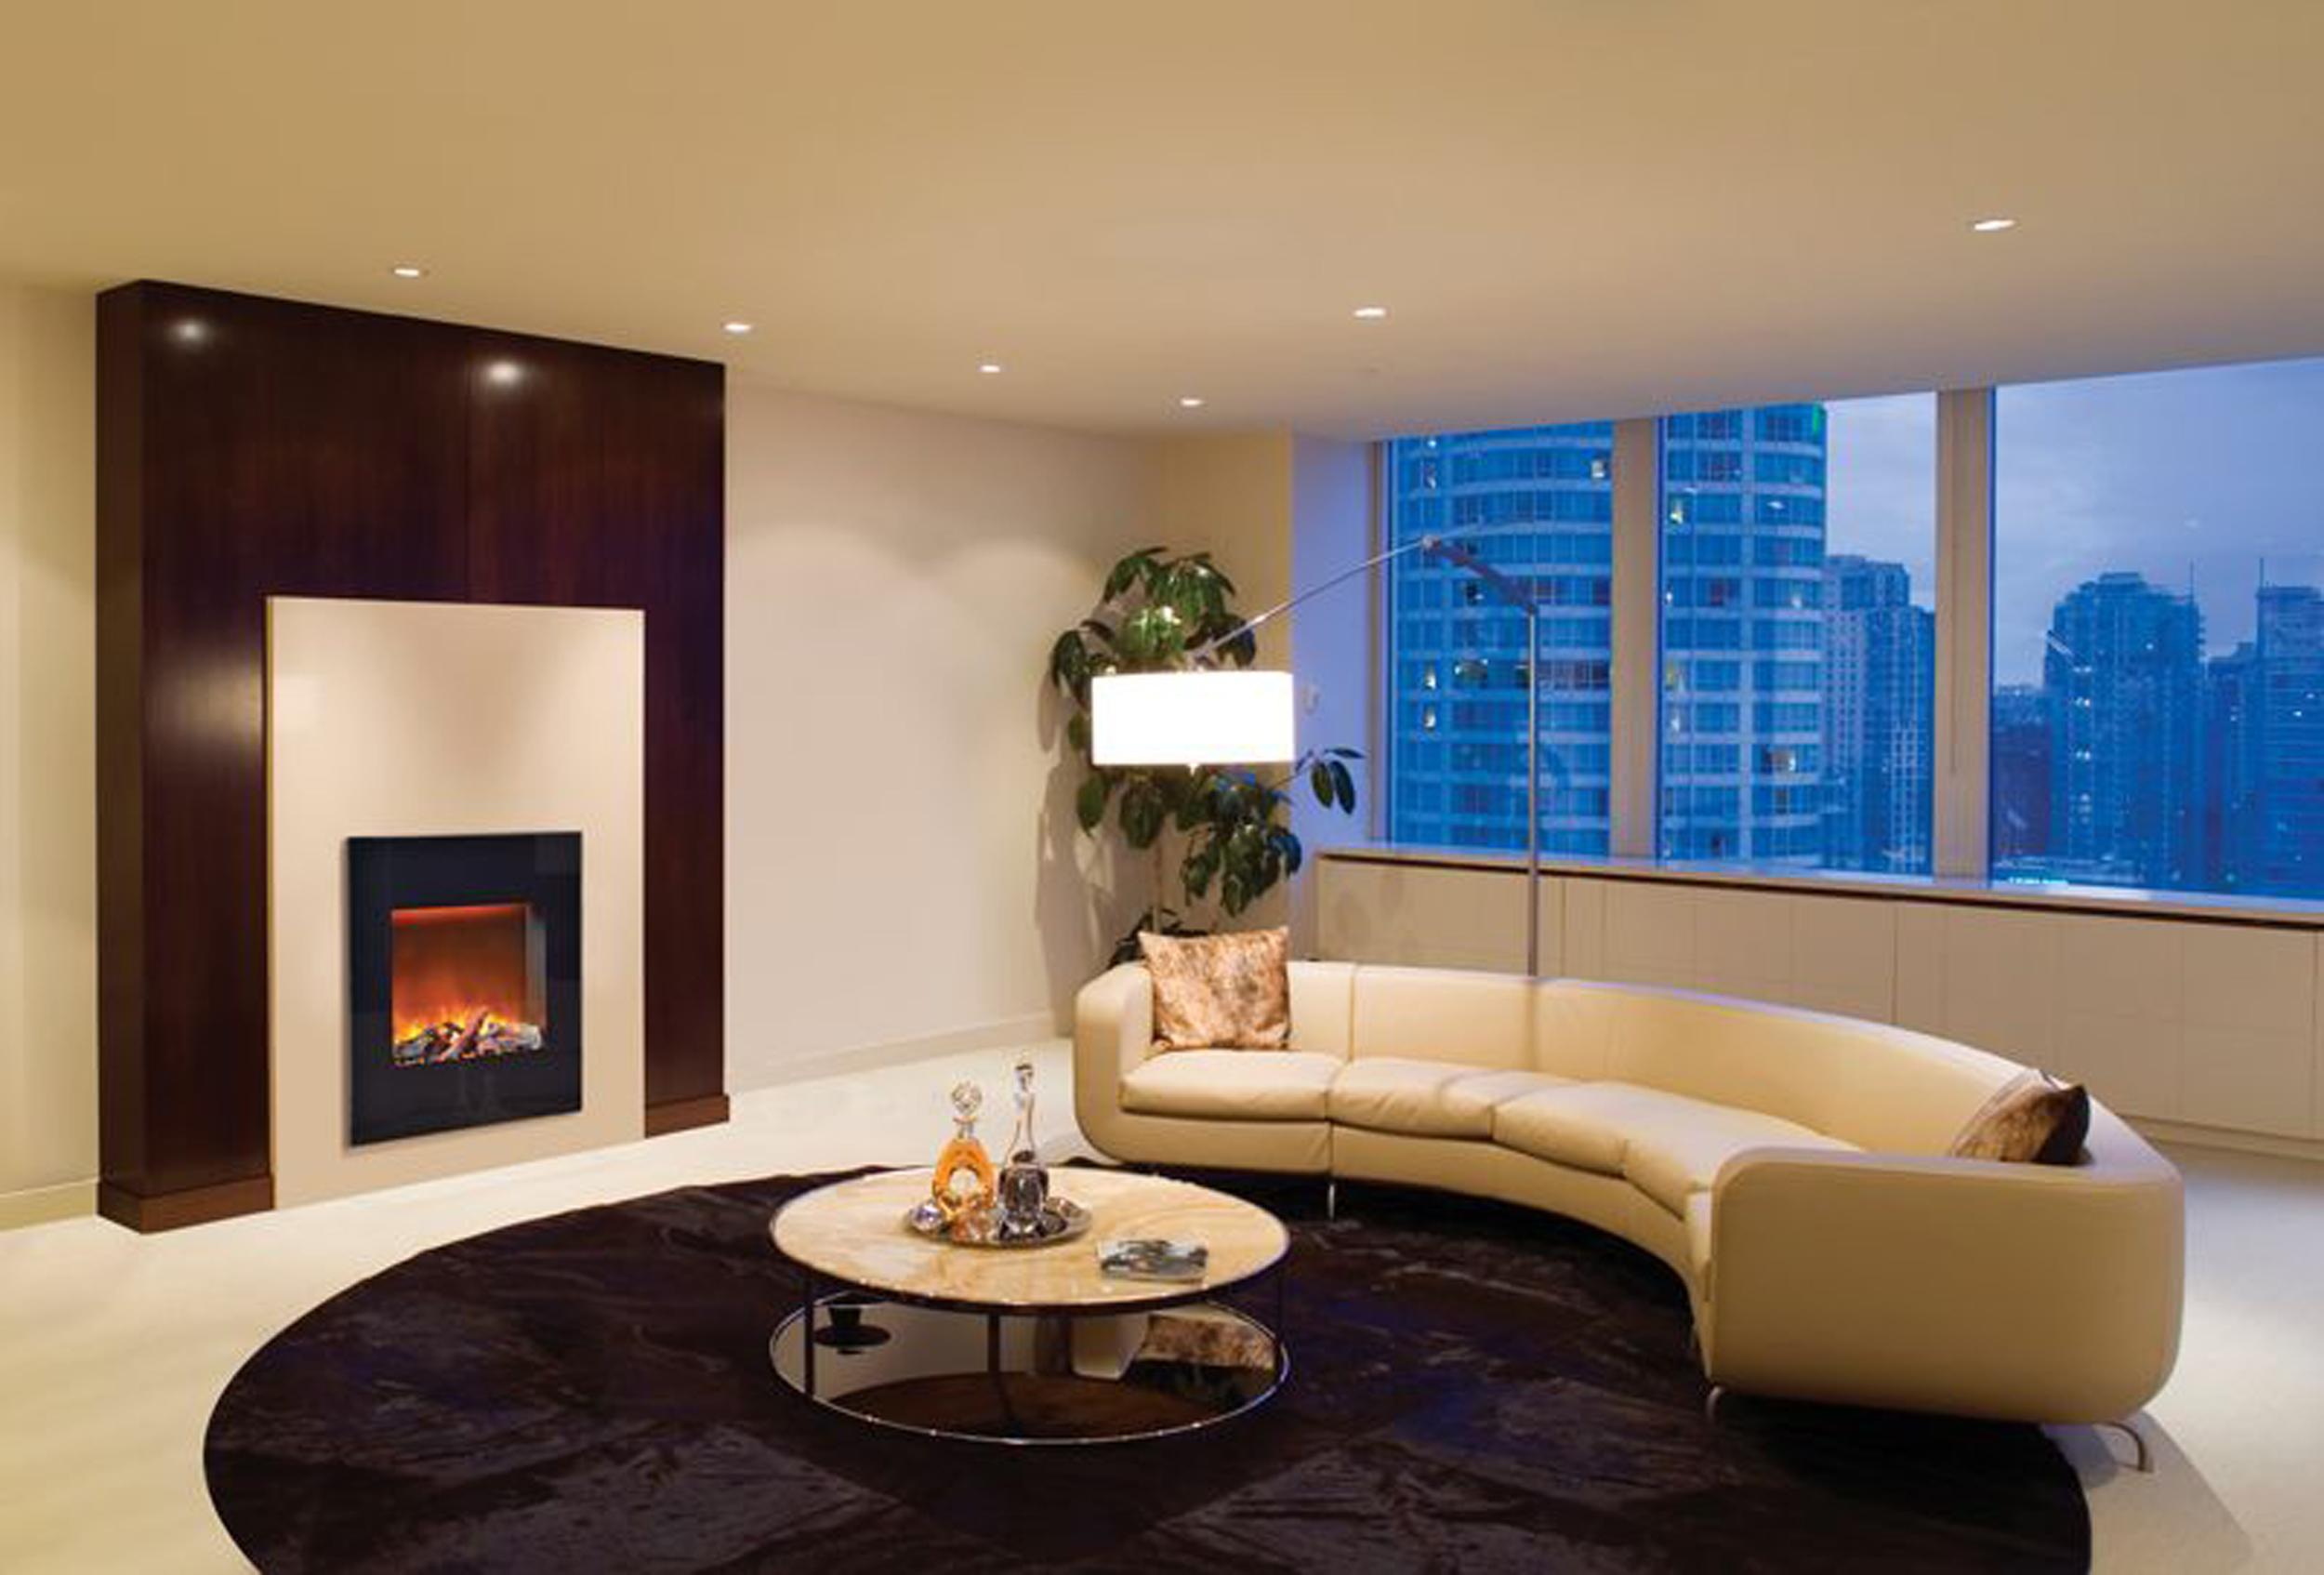 7e1bbbd9a798 elektrický ohnisko obývačka izbu interiérový dizajn nábytok vlastnosť  ohnisko konferenčný stolík budova dom stôl gauč Domov